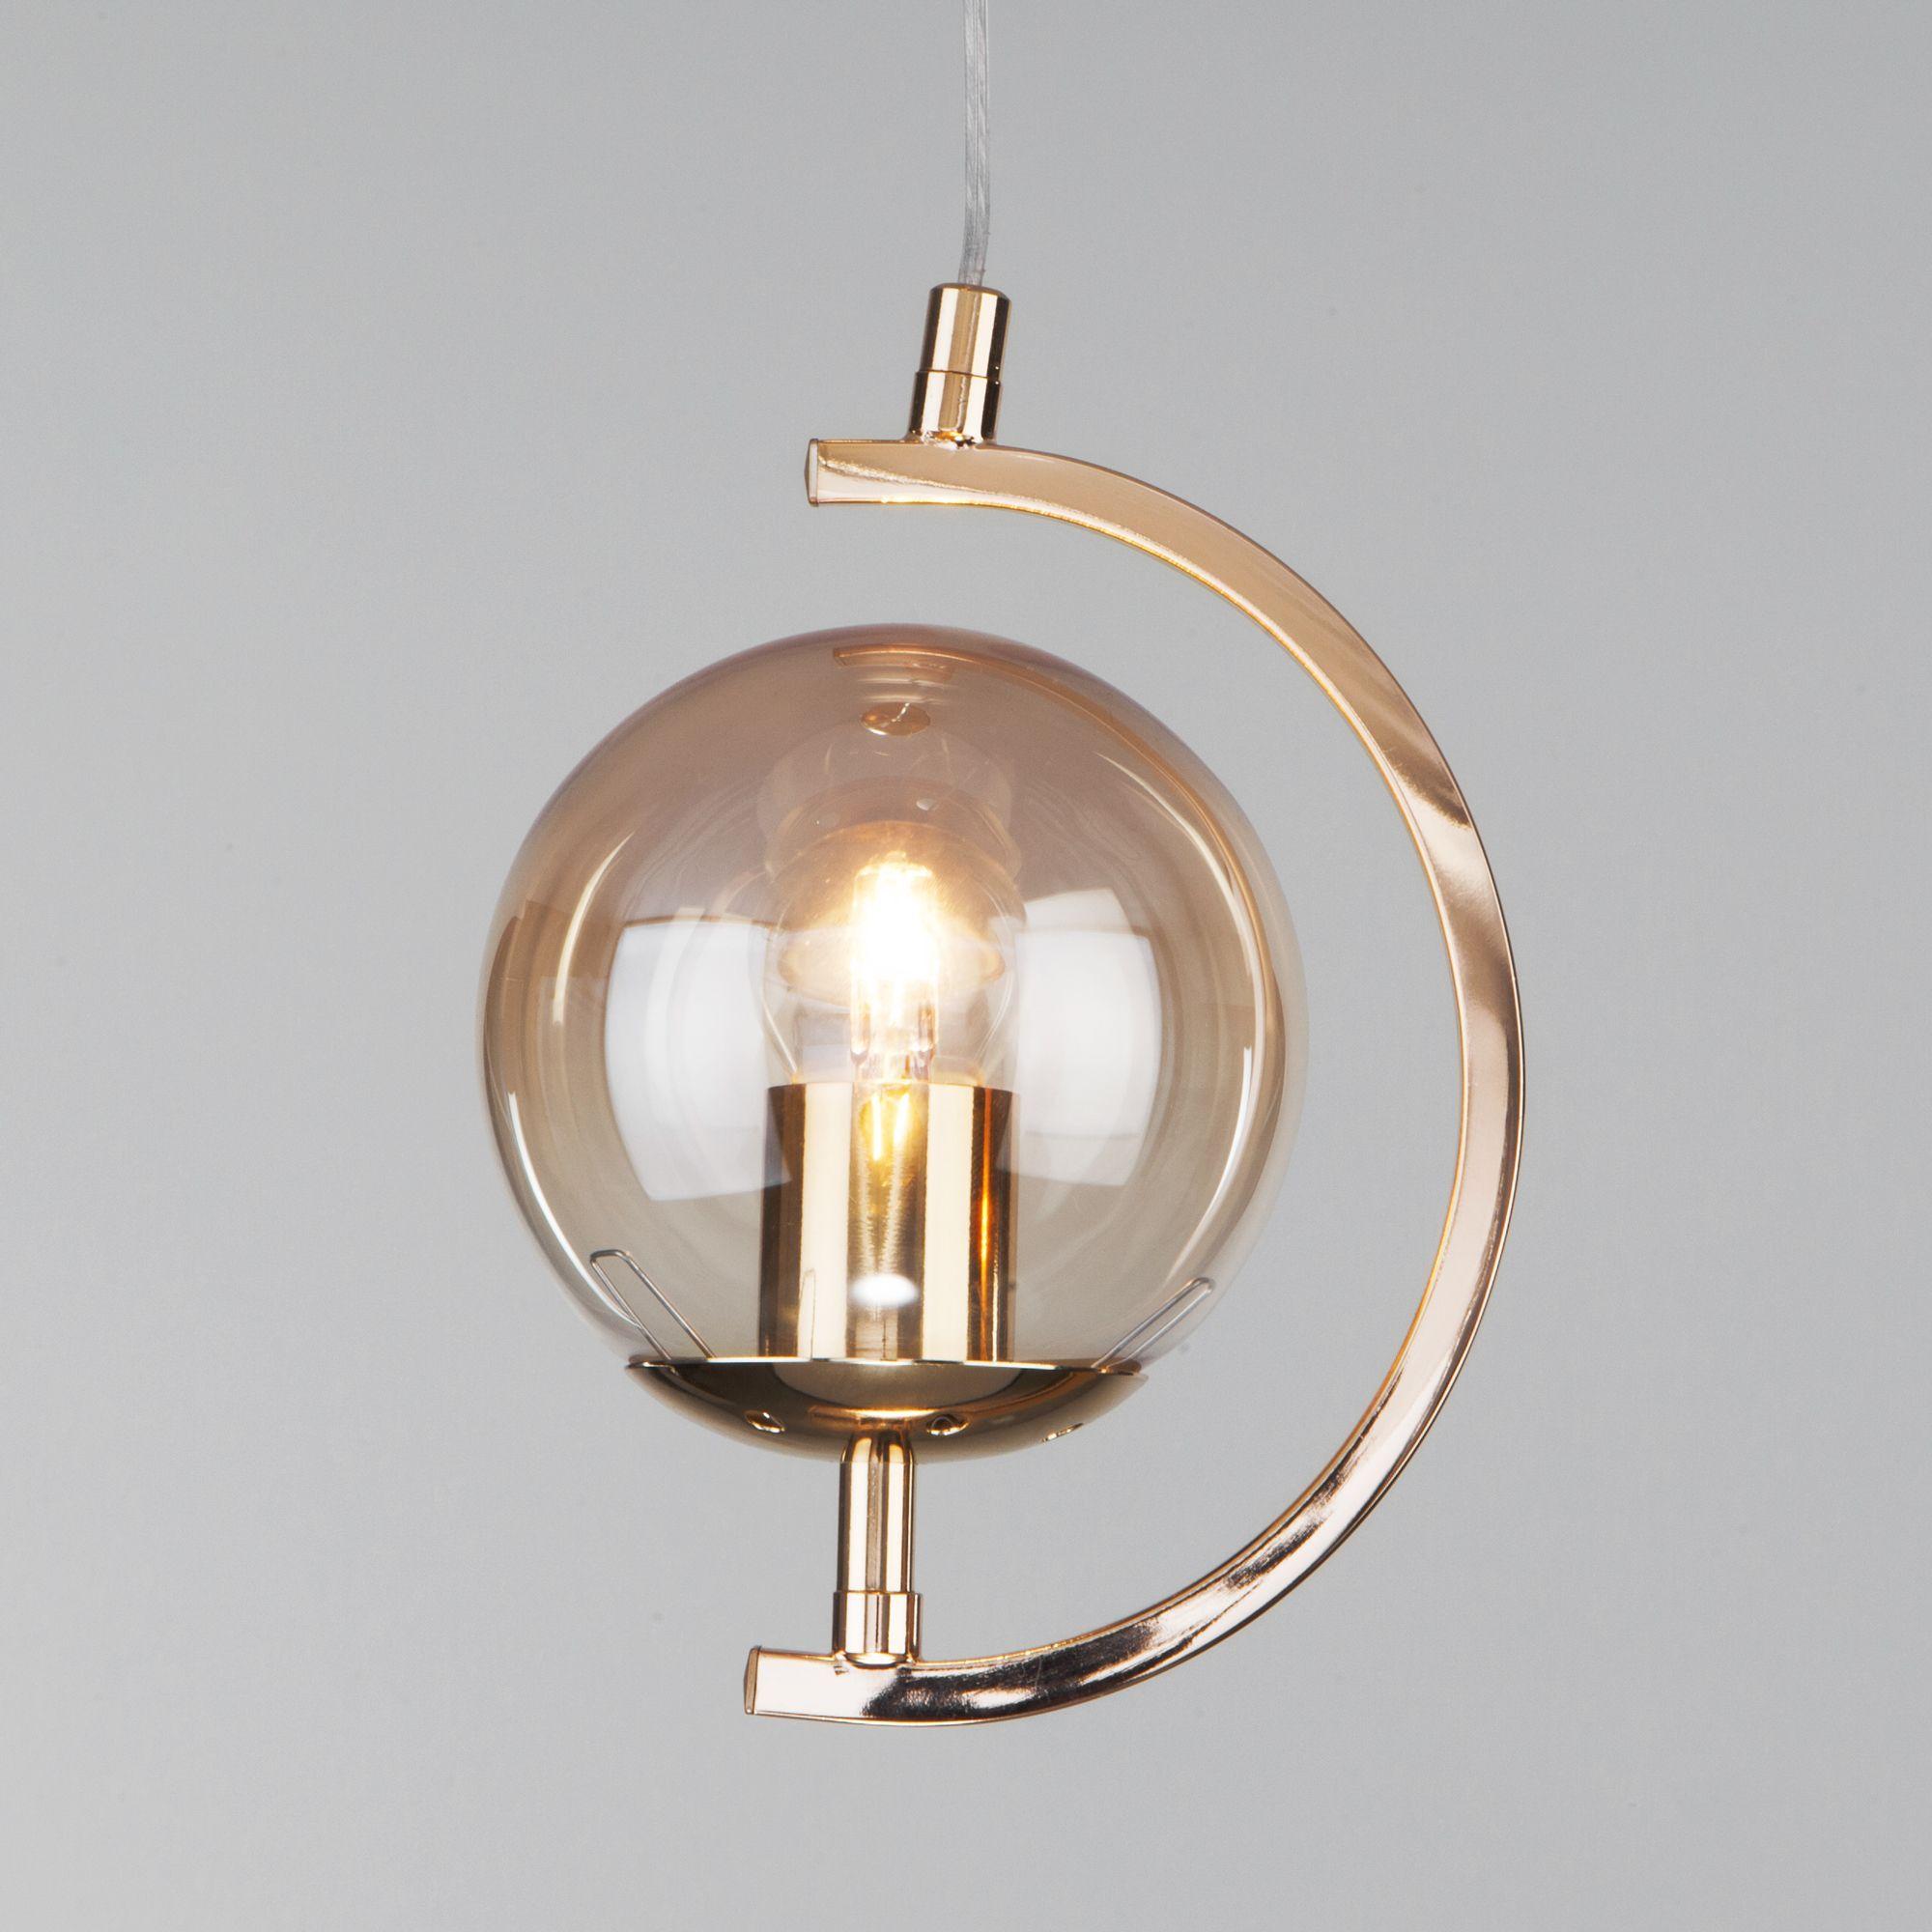 Подвесной светильник со стеклянным плафоном 50072/1 золото